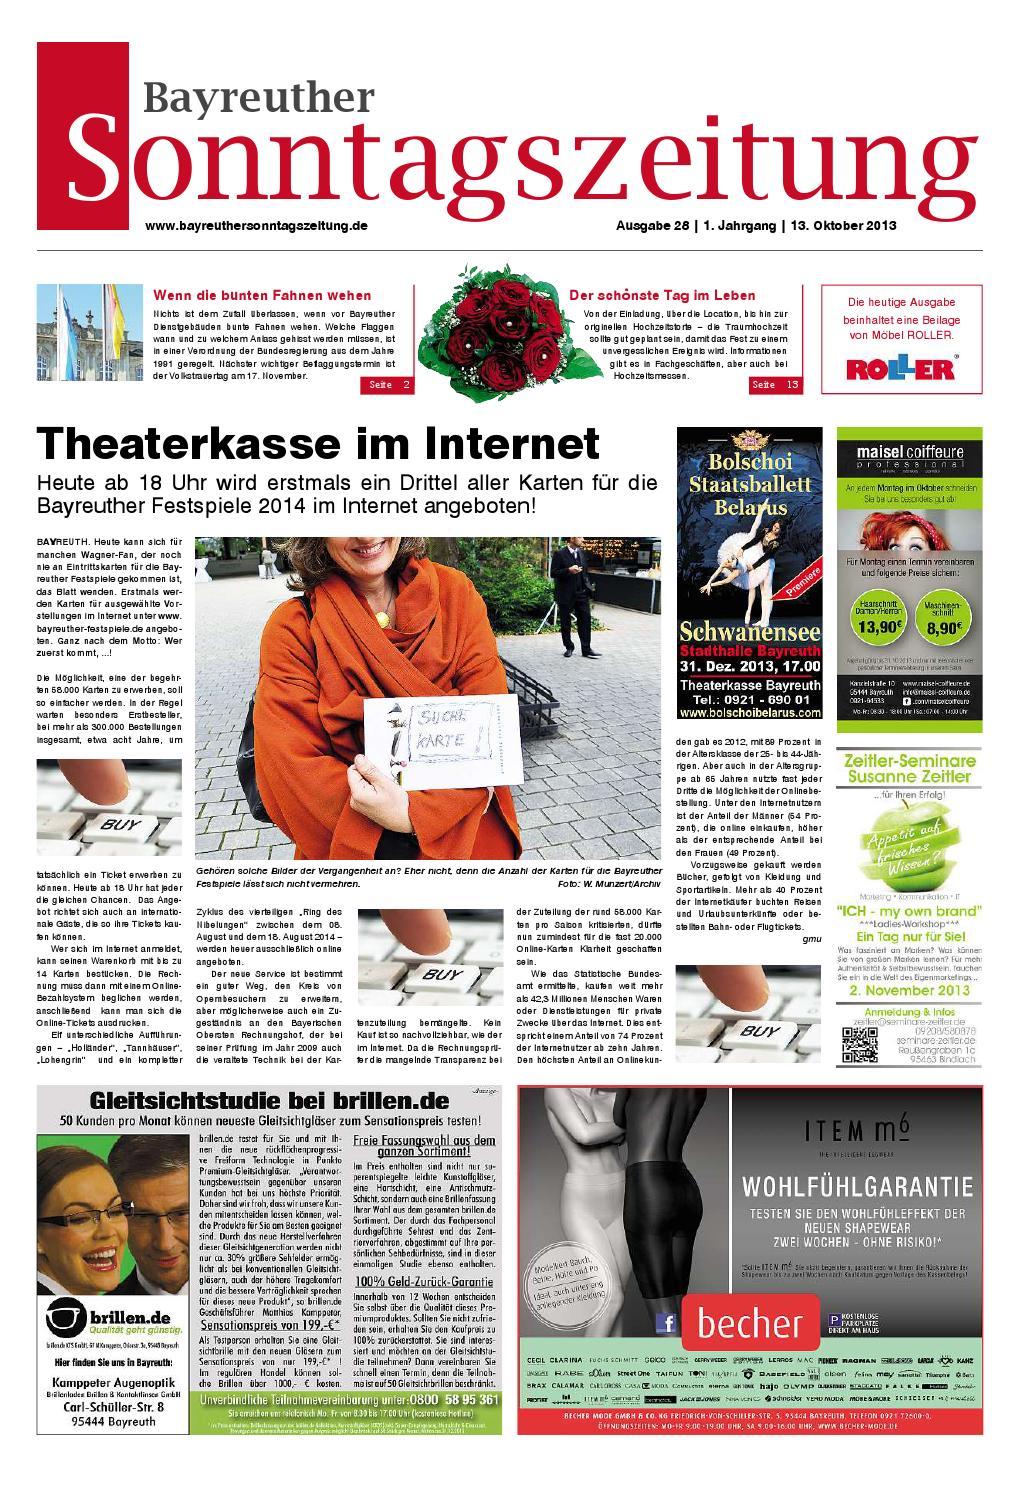 Bayreuther sonntagszeitung 13 10 2013 by Bayreuther Sonntagszeitung ...